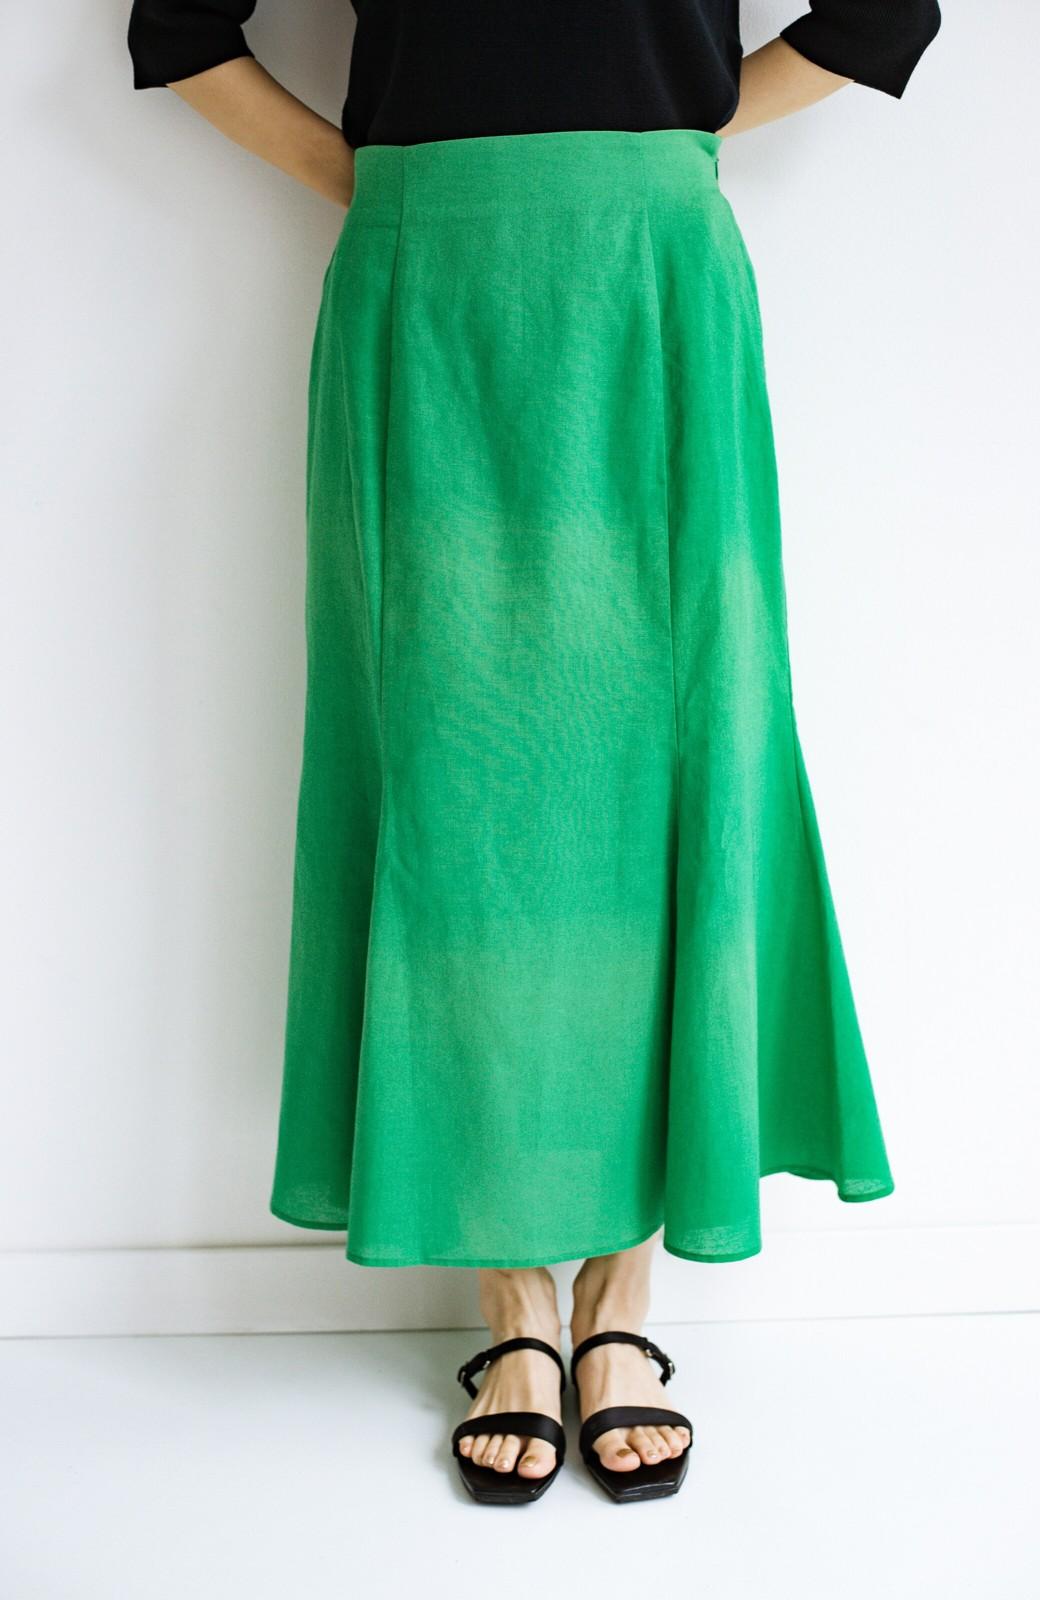 haco! 時間のない朝にもパッと出かけられる!元気が出るきれい色スカートにちょうどいいロゴTシャツを合わせておいた作り置きコーデセット by que made me <その他>の商品写真6